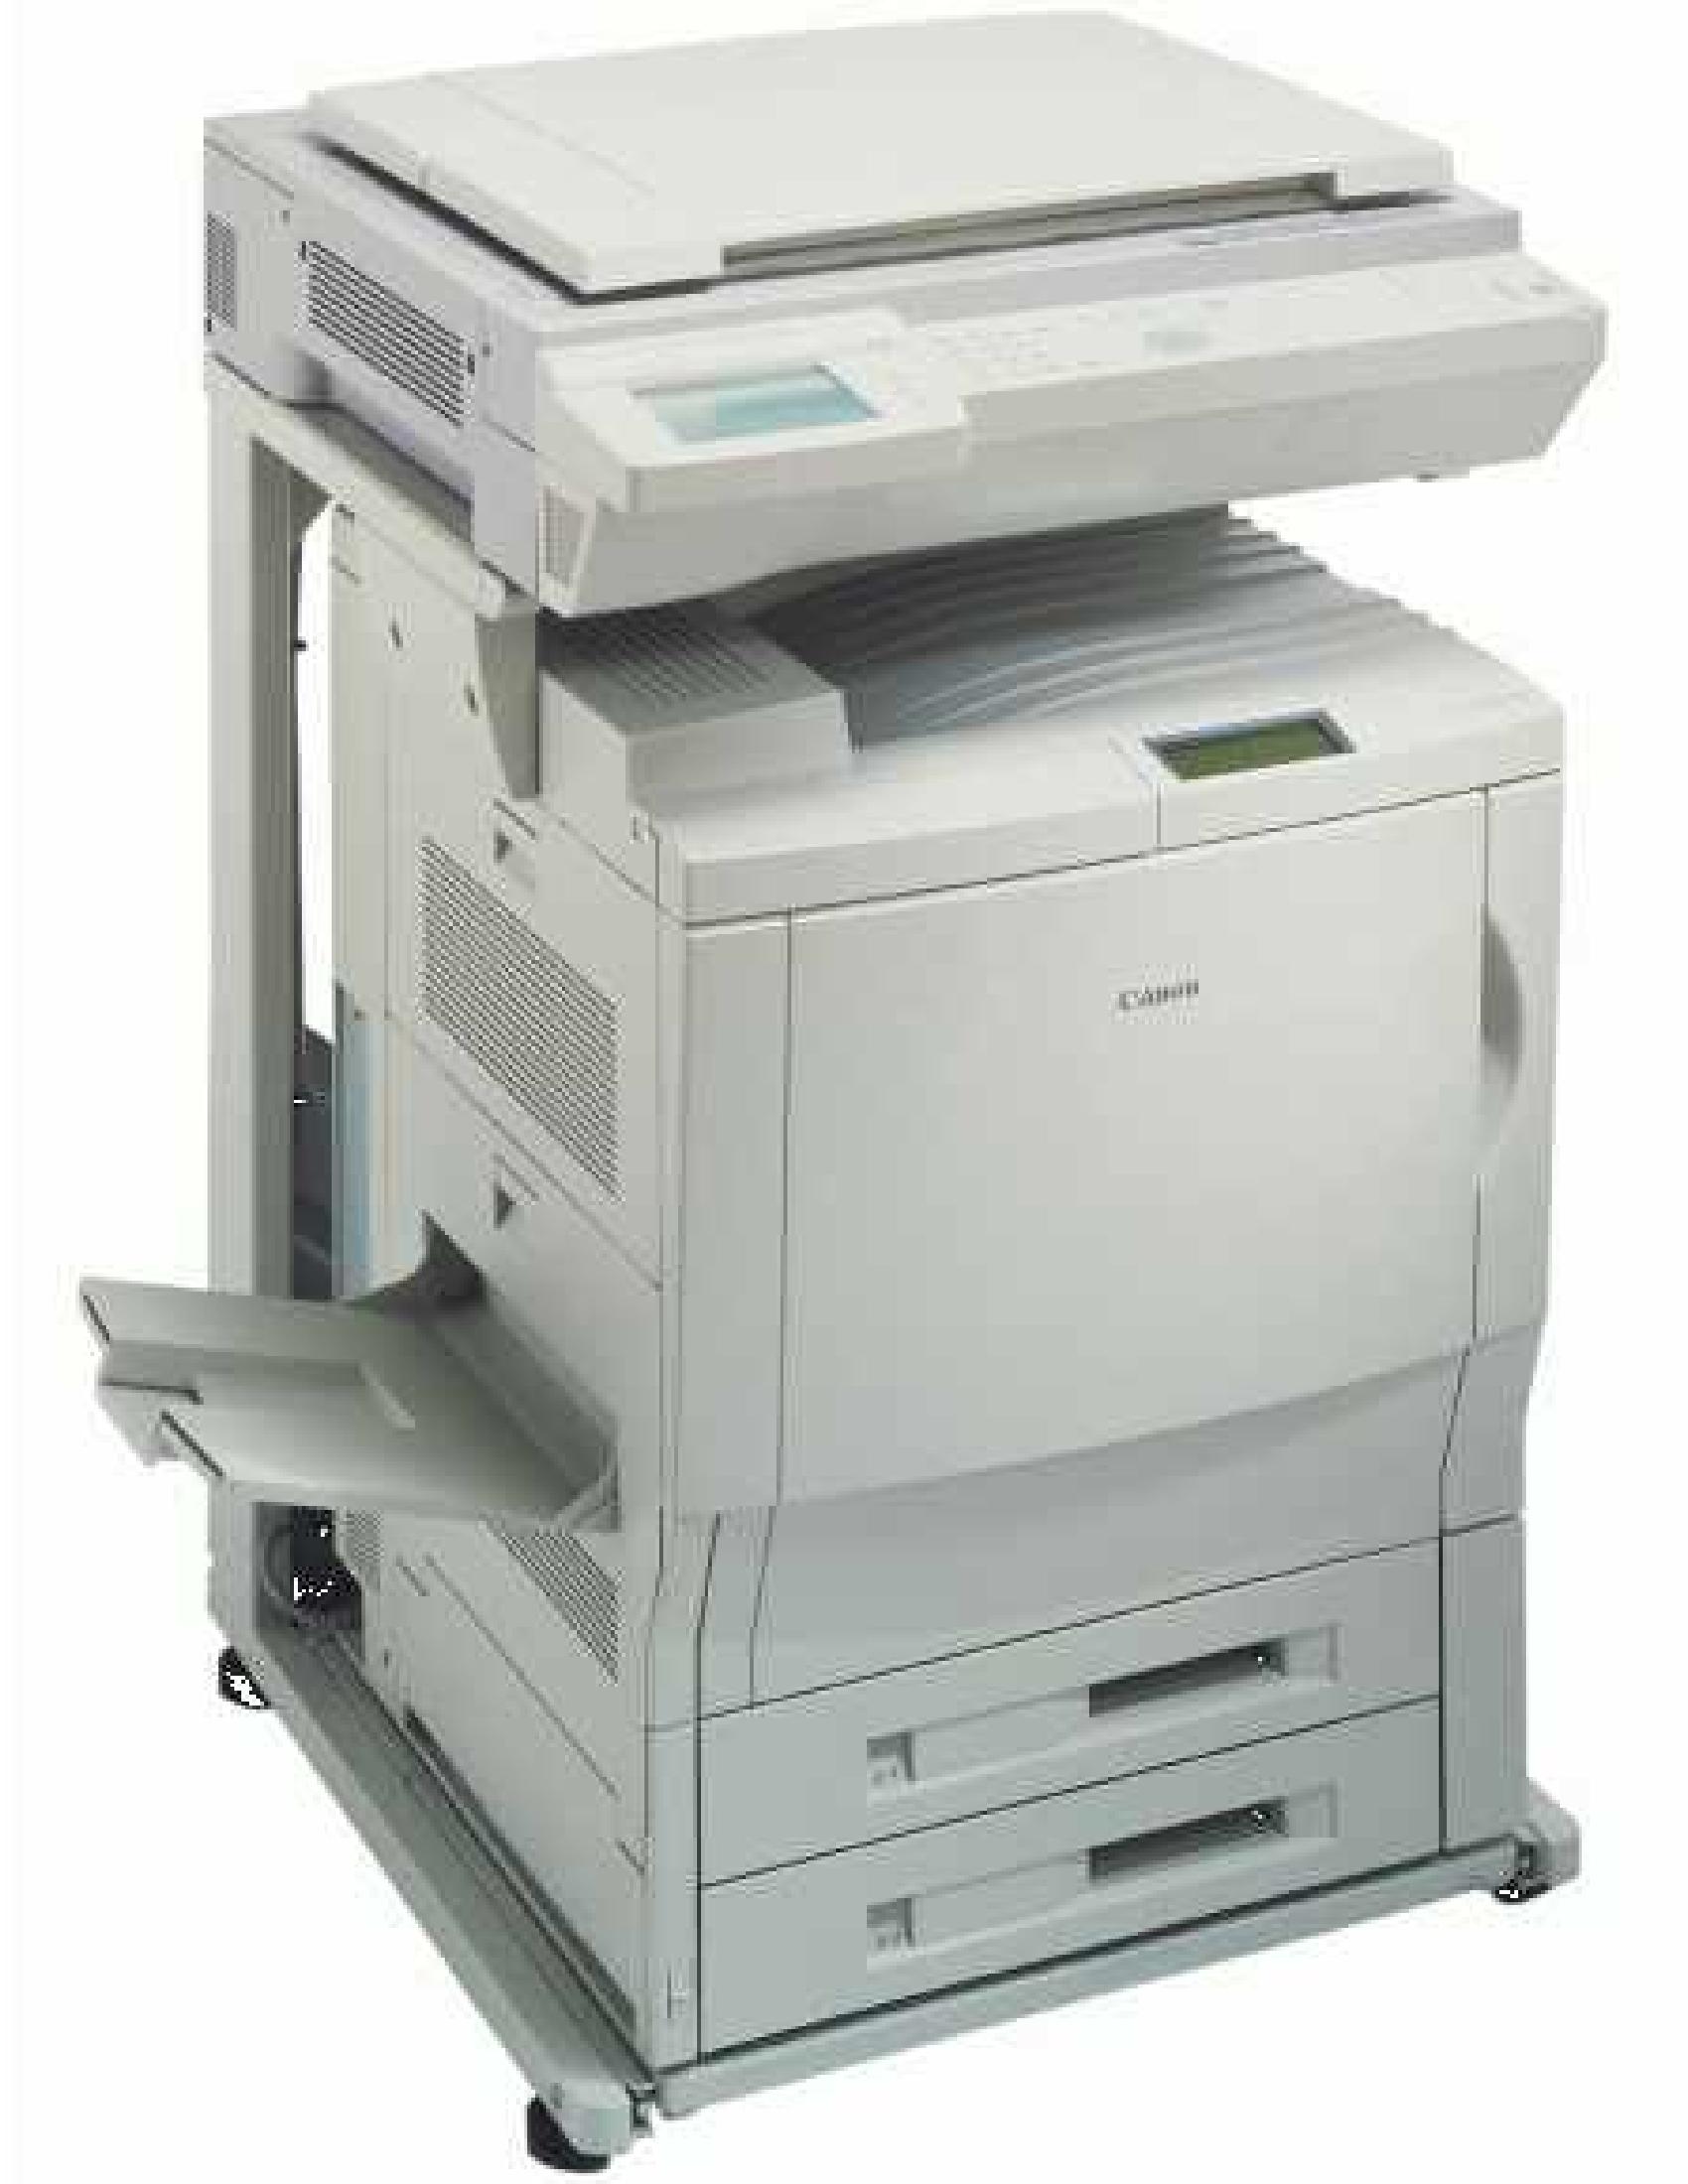 Canon CP660 Printer manual